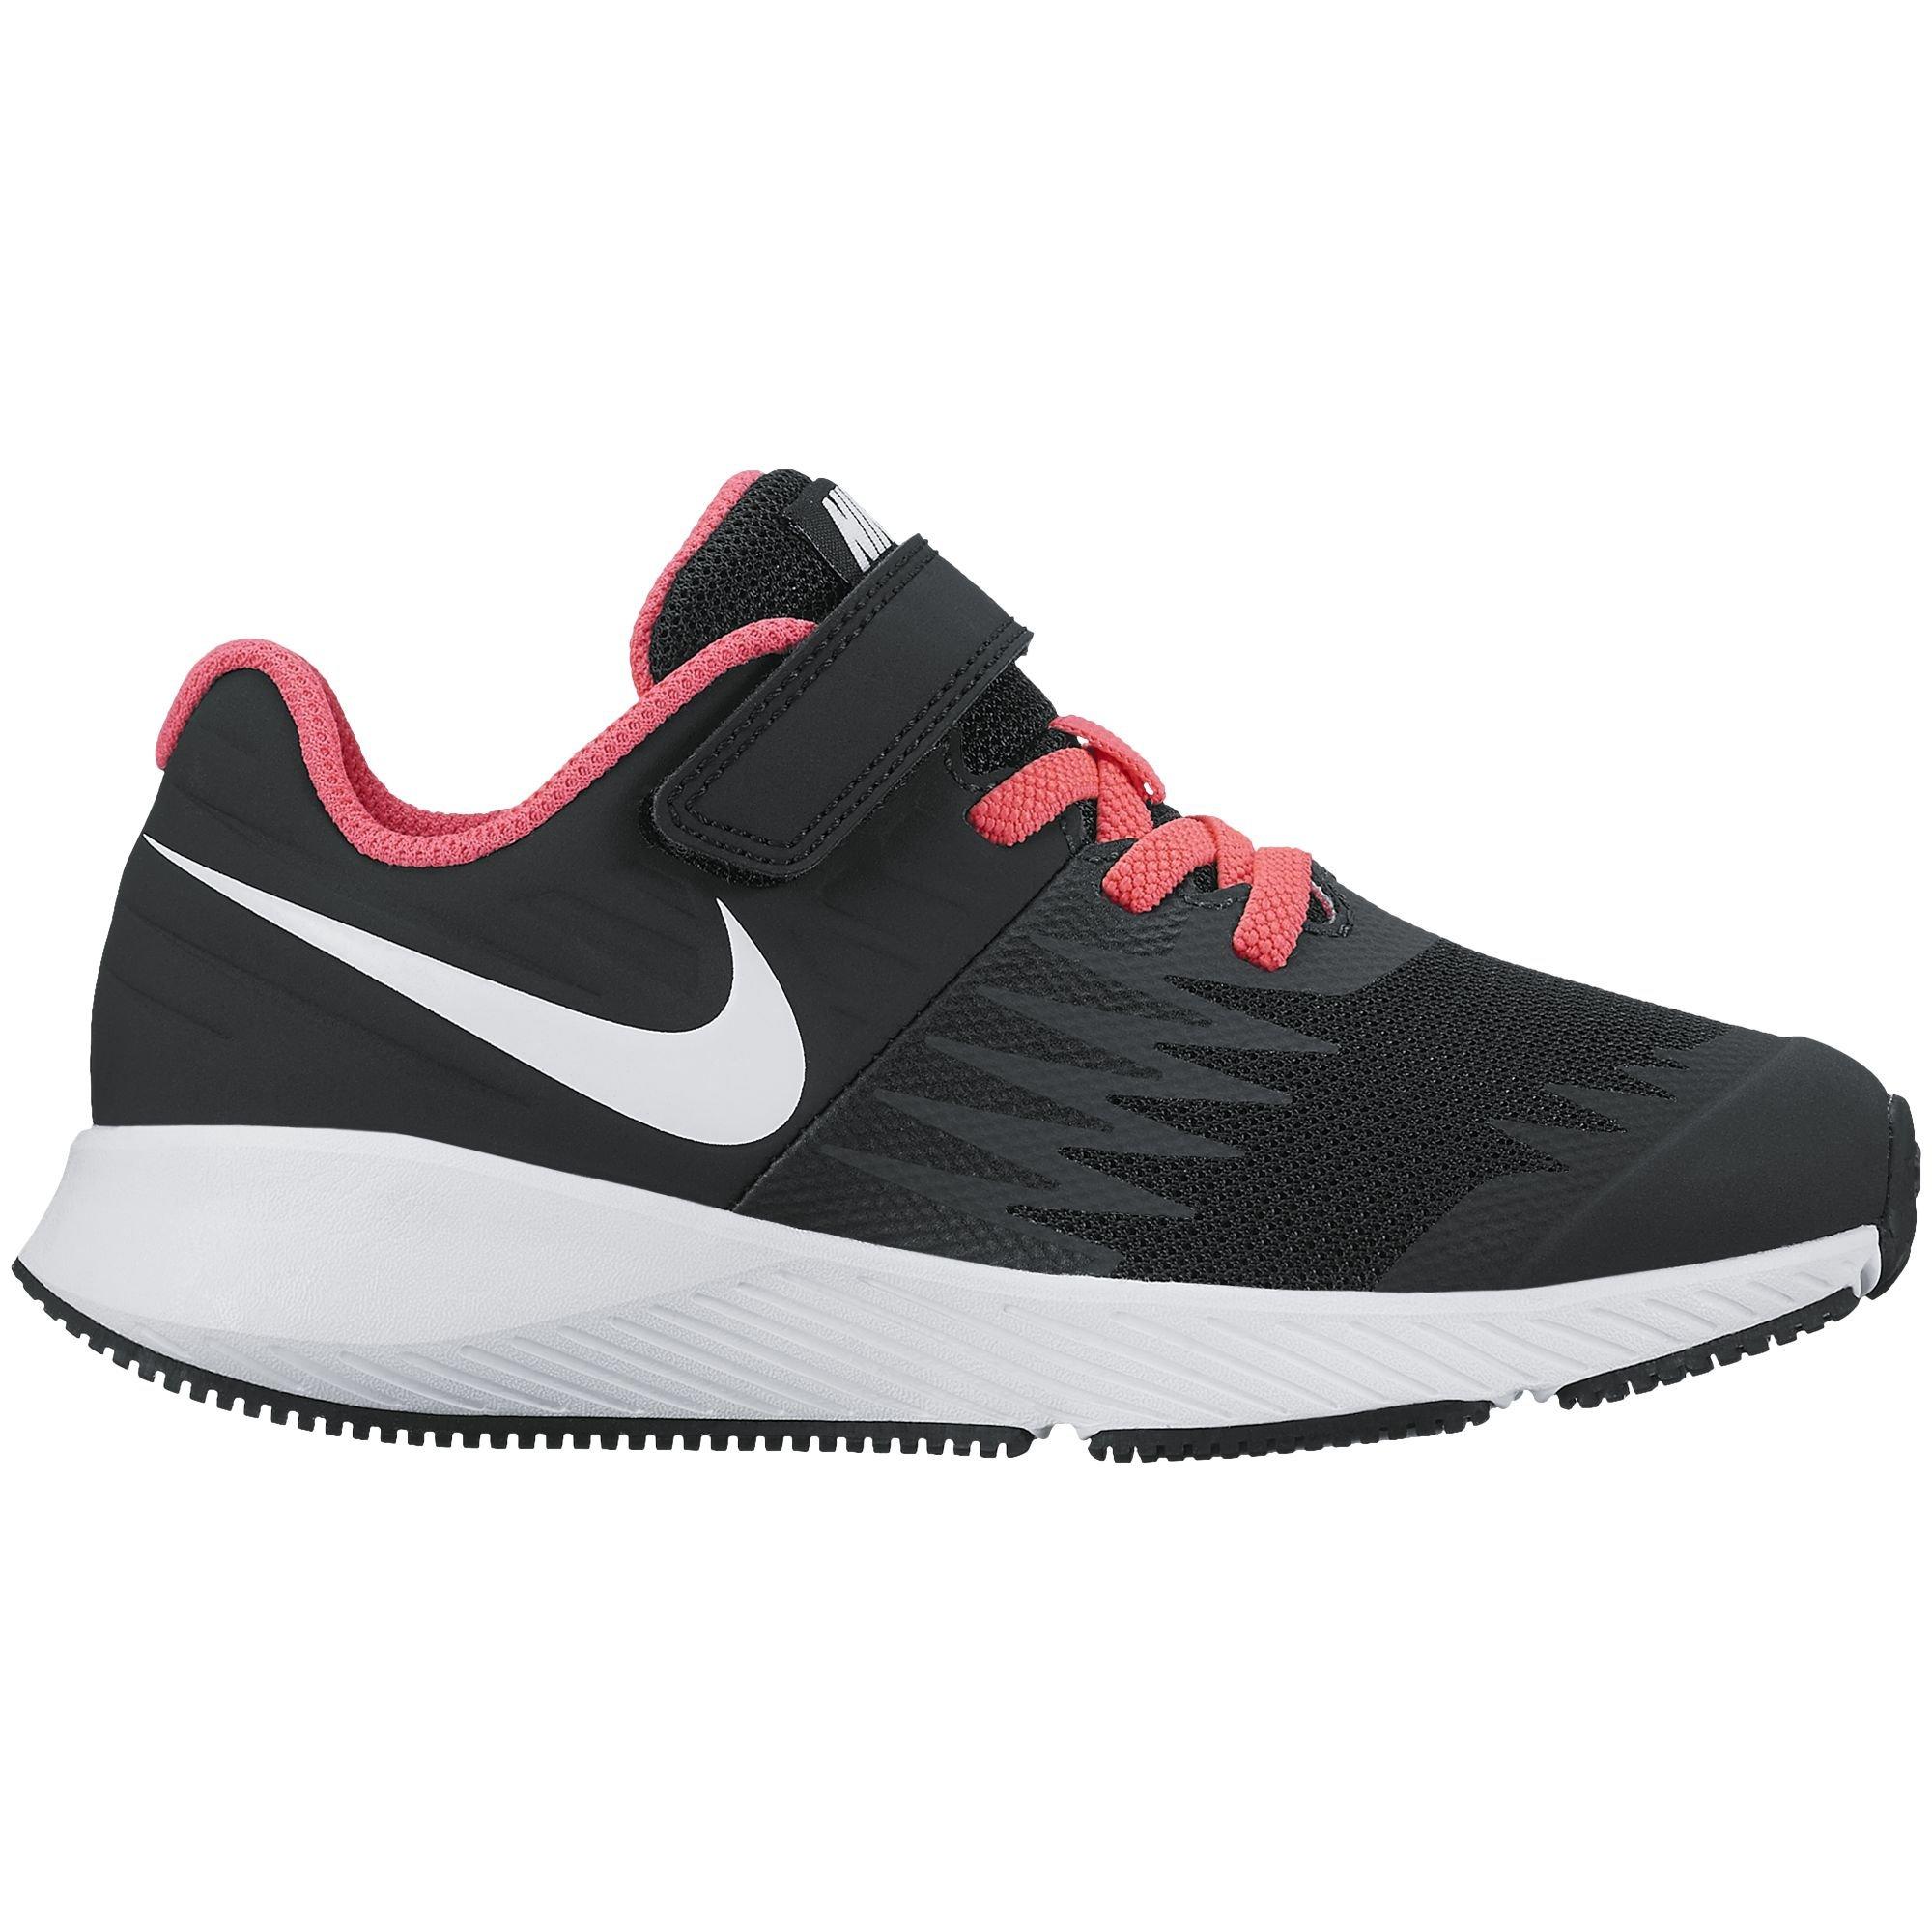 Nike Girl's Star Runner (PSV) Pre-School Shoe Black/White/Volt/Racer Pink Size 1 M US by Nike (Image #1)